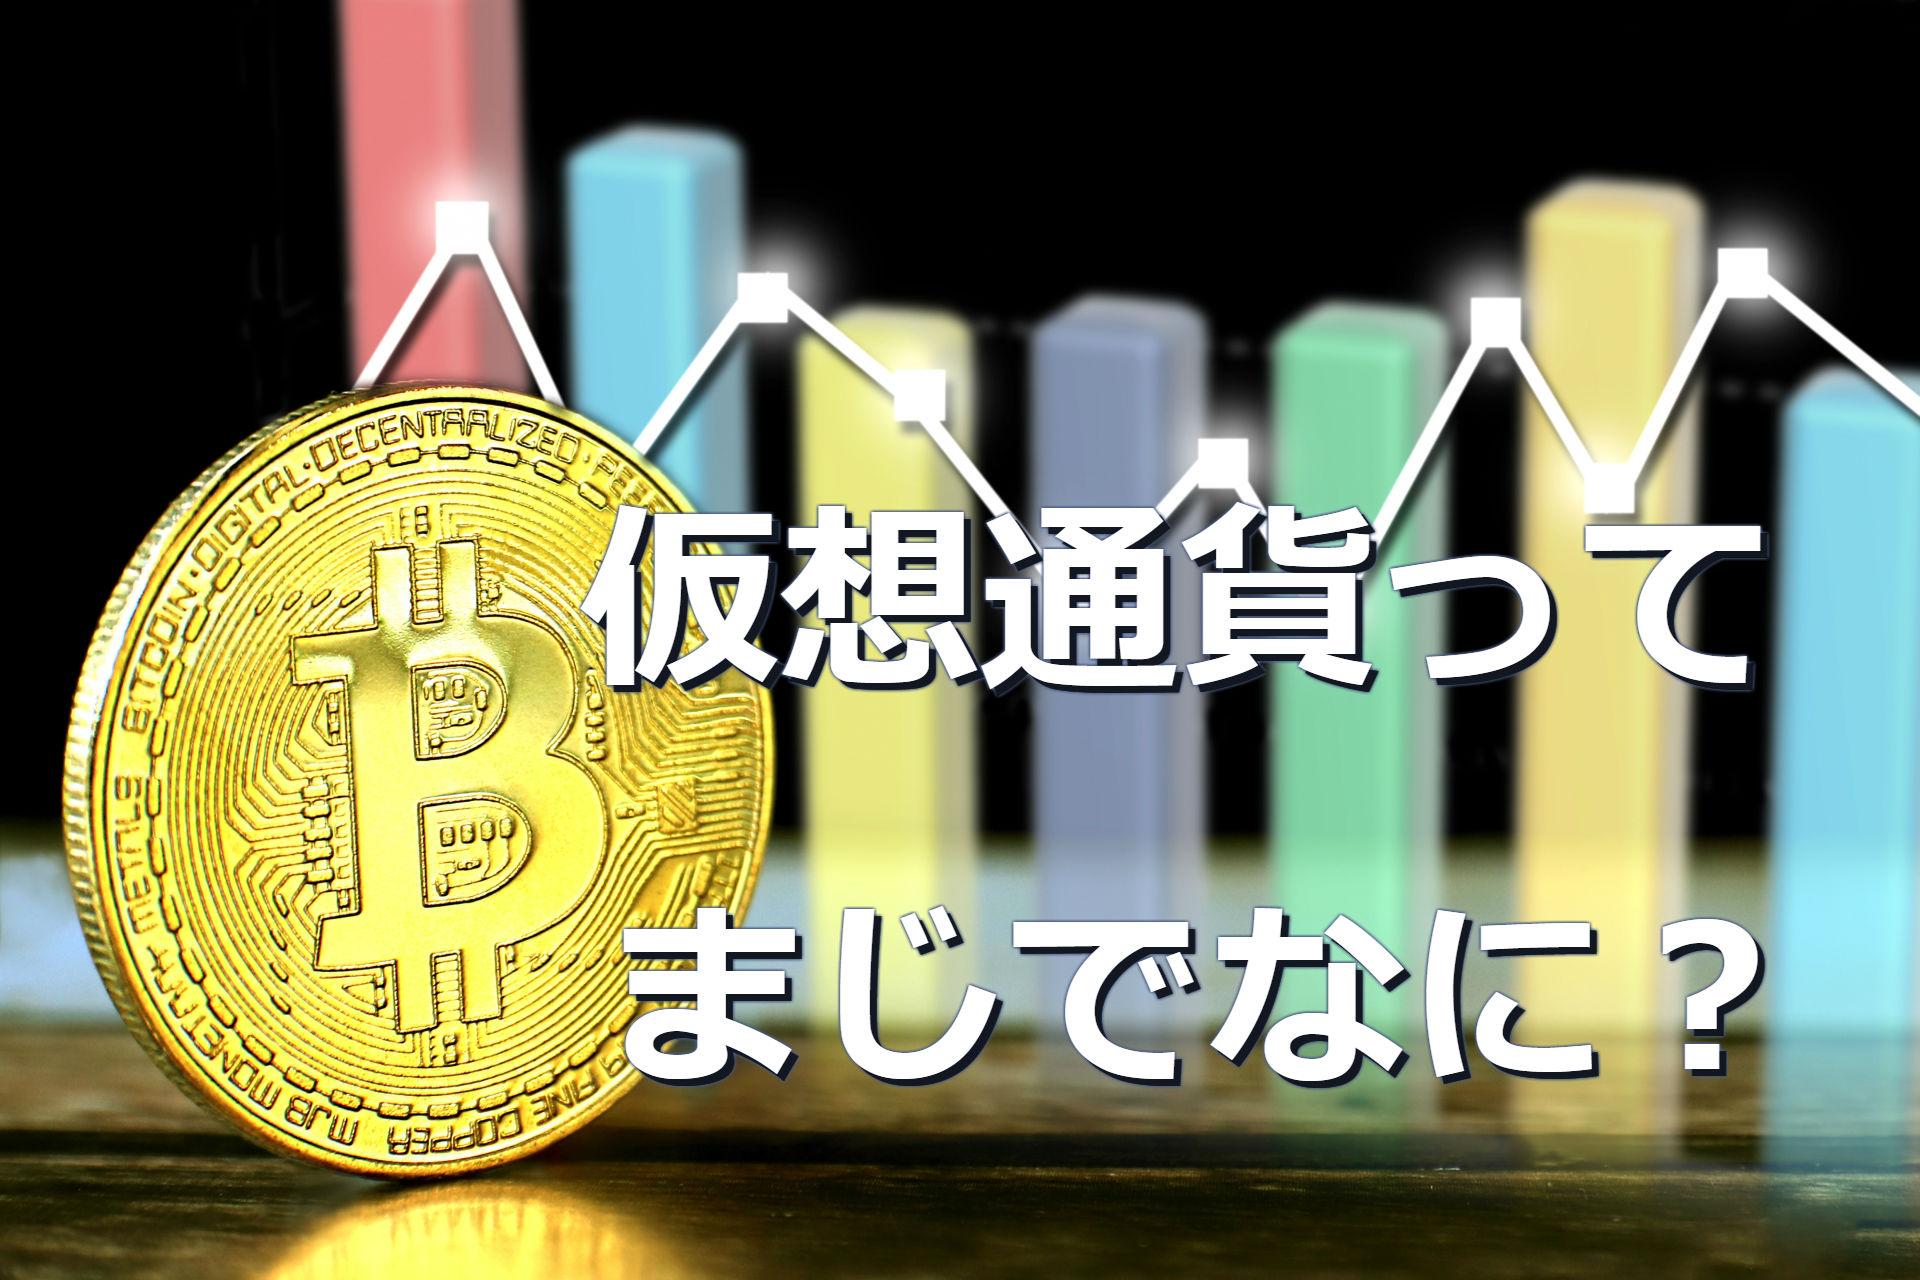 【初心者必見!】まずは簡単に仮想通貨を覚えよう!